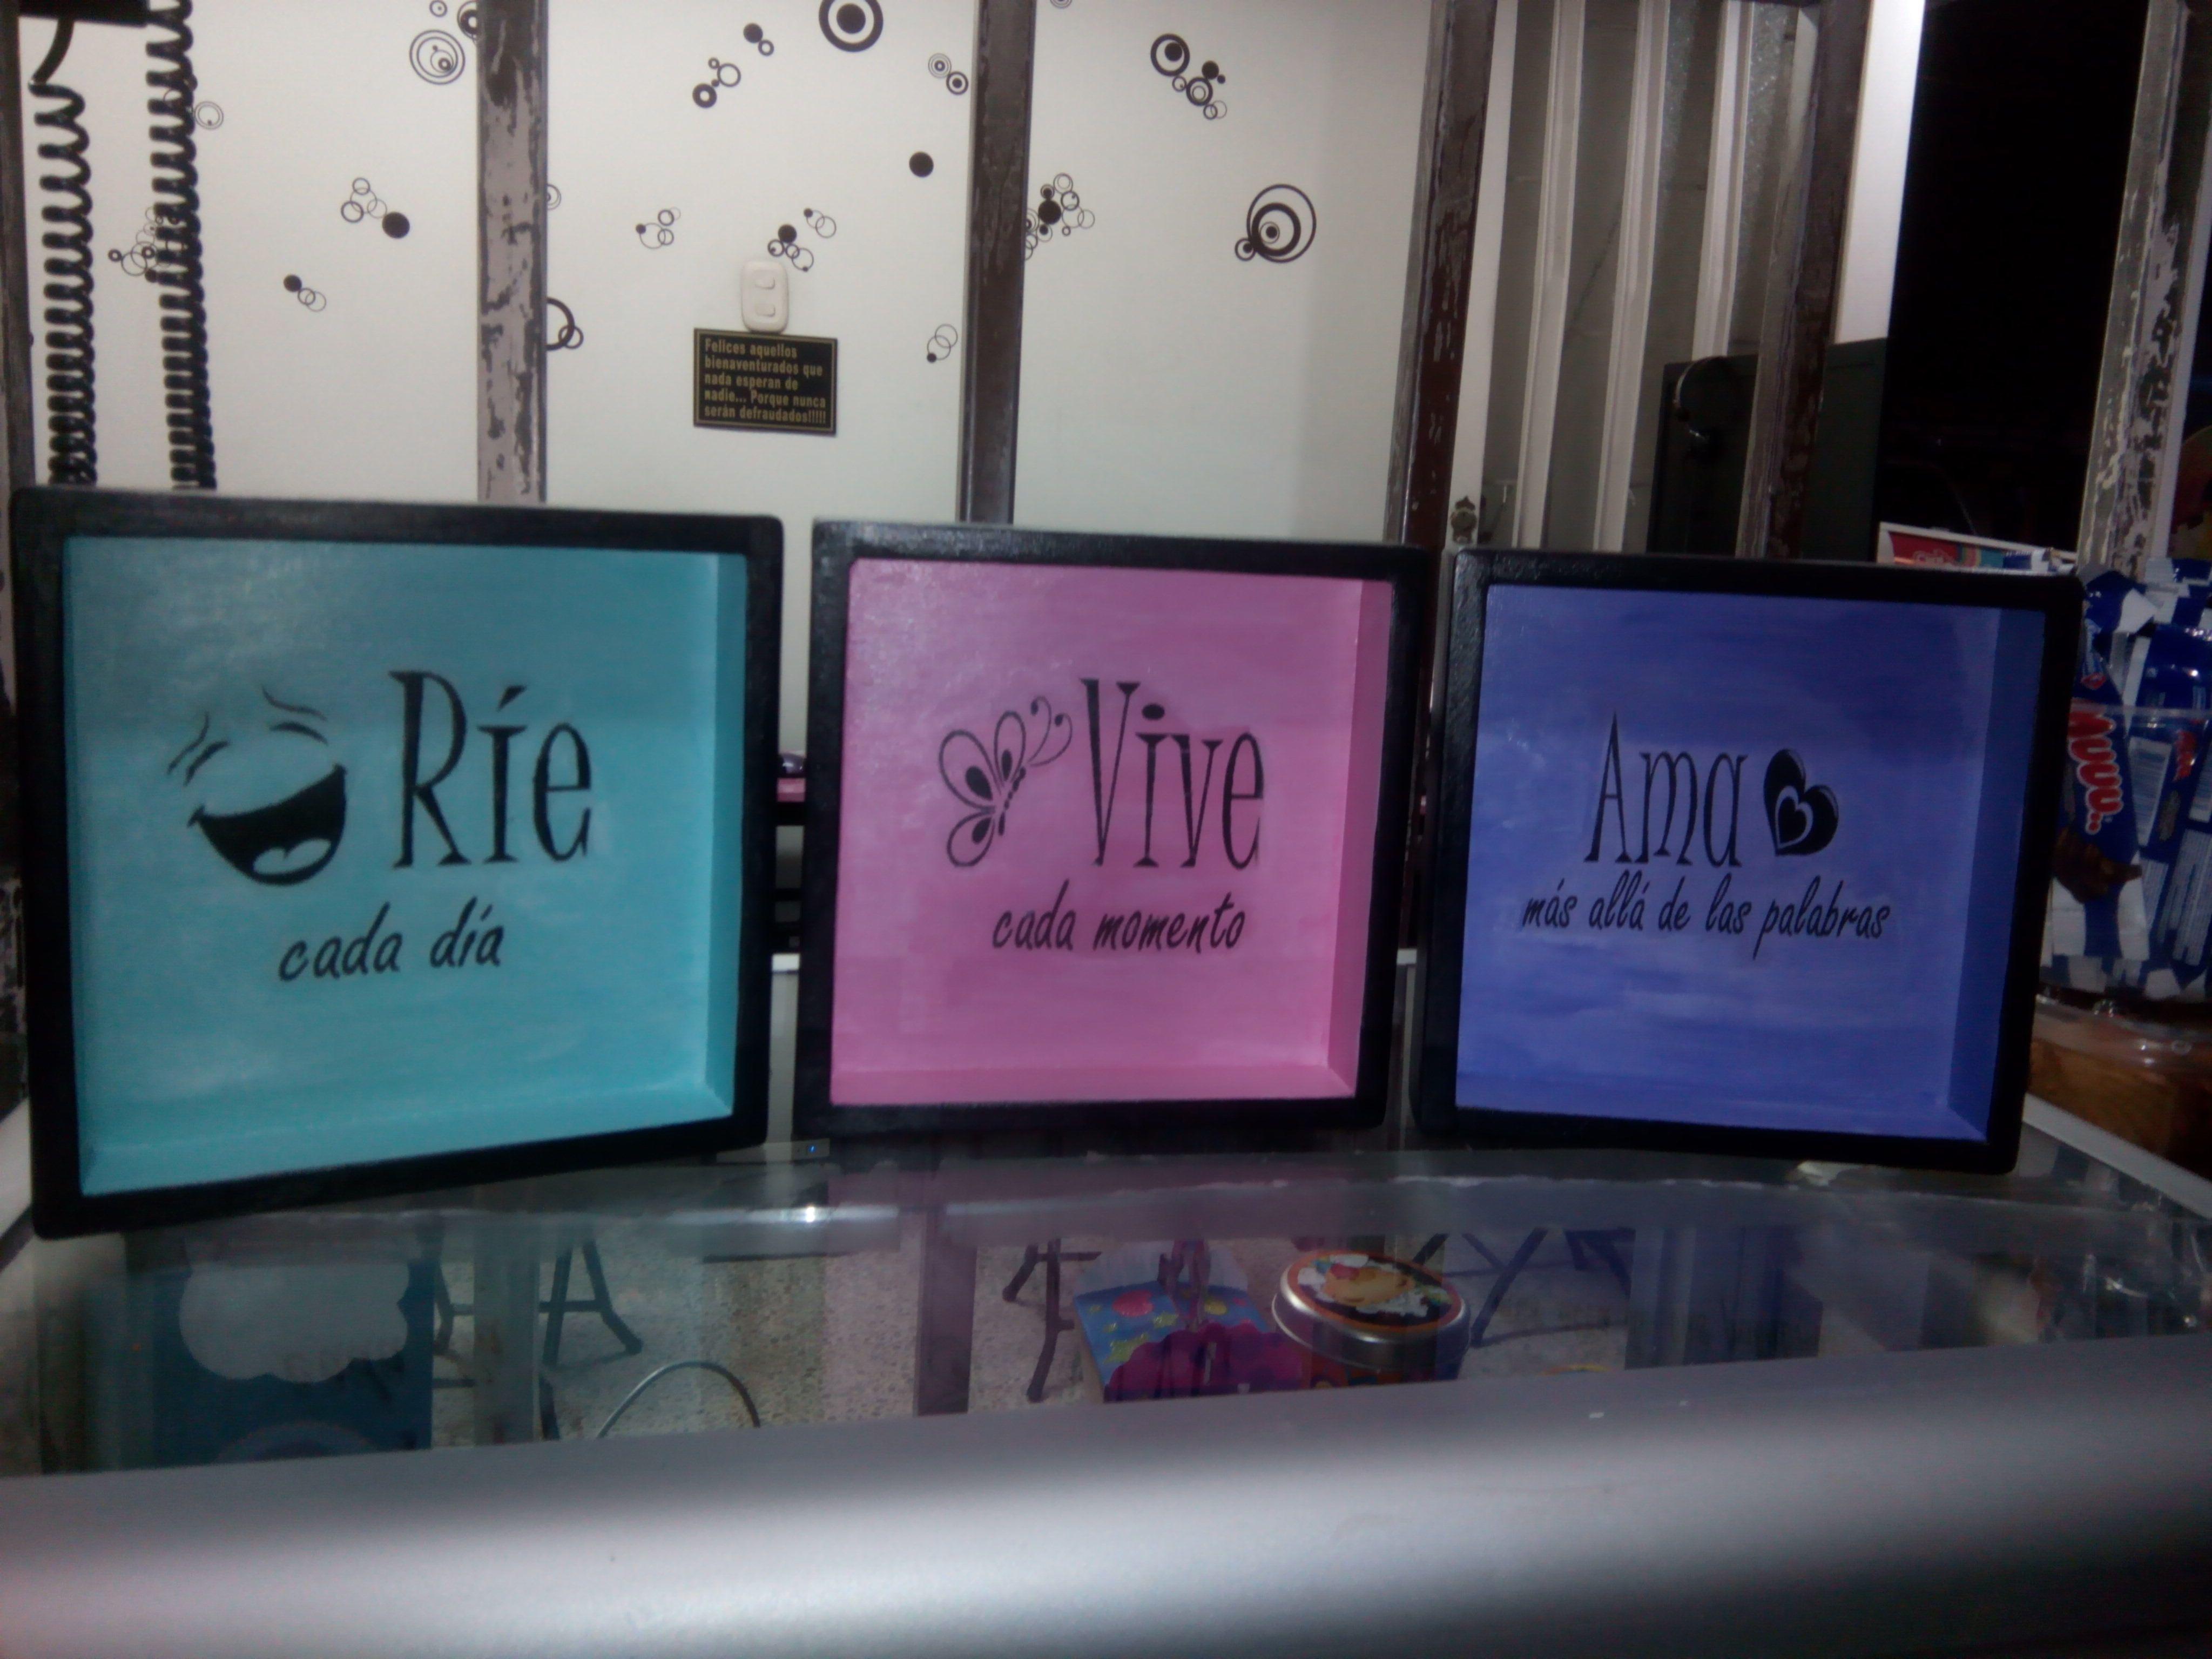 Rie Vive Ama Retablos En Madera Pinterest Re R Vivir  # Muebles Hojillados